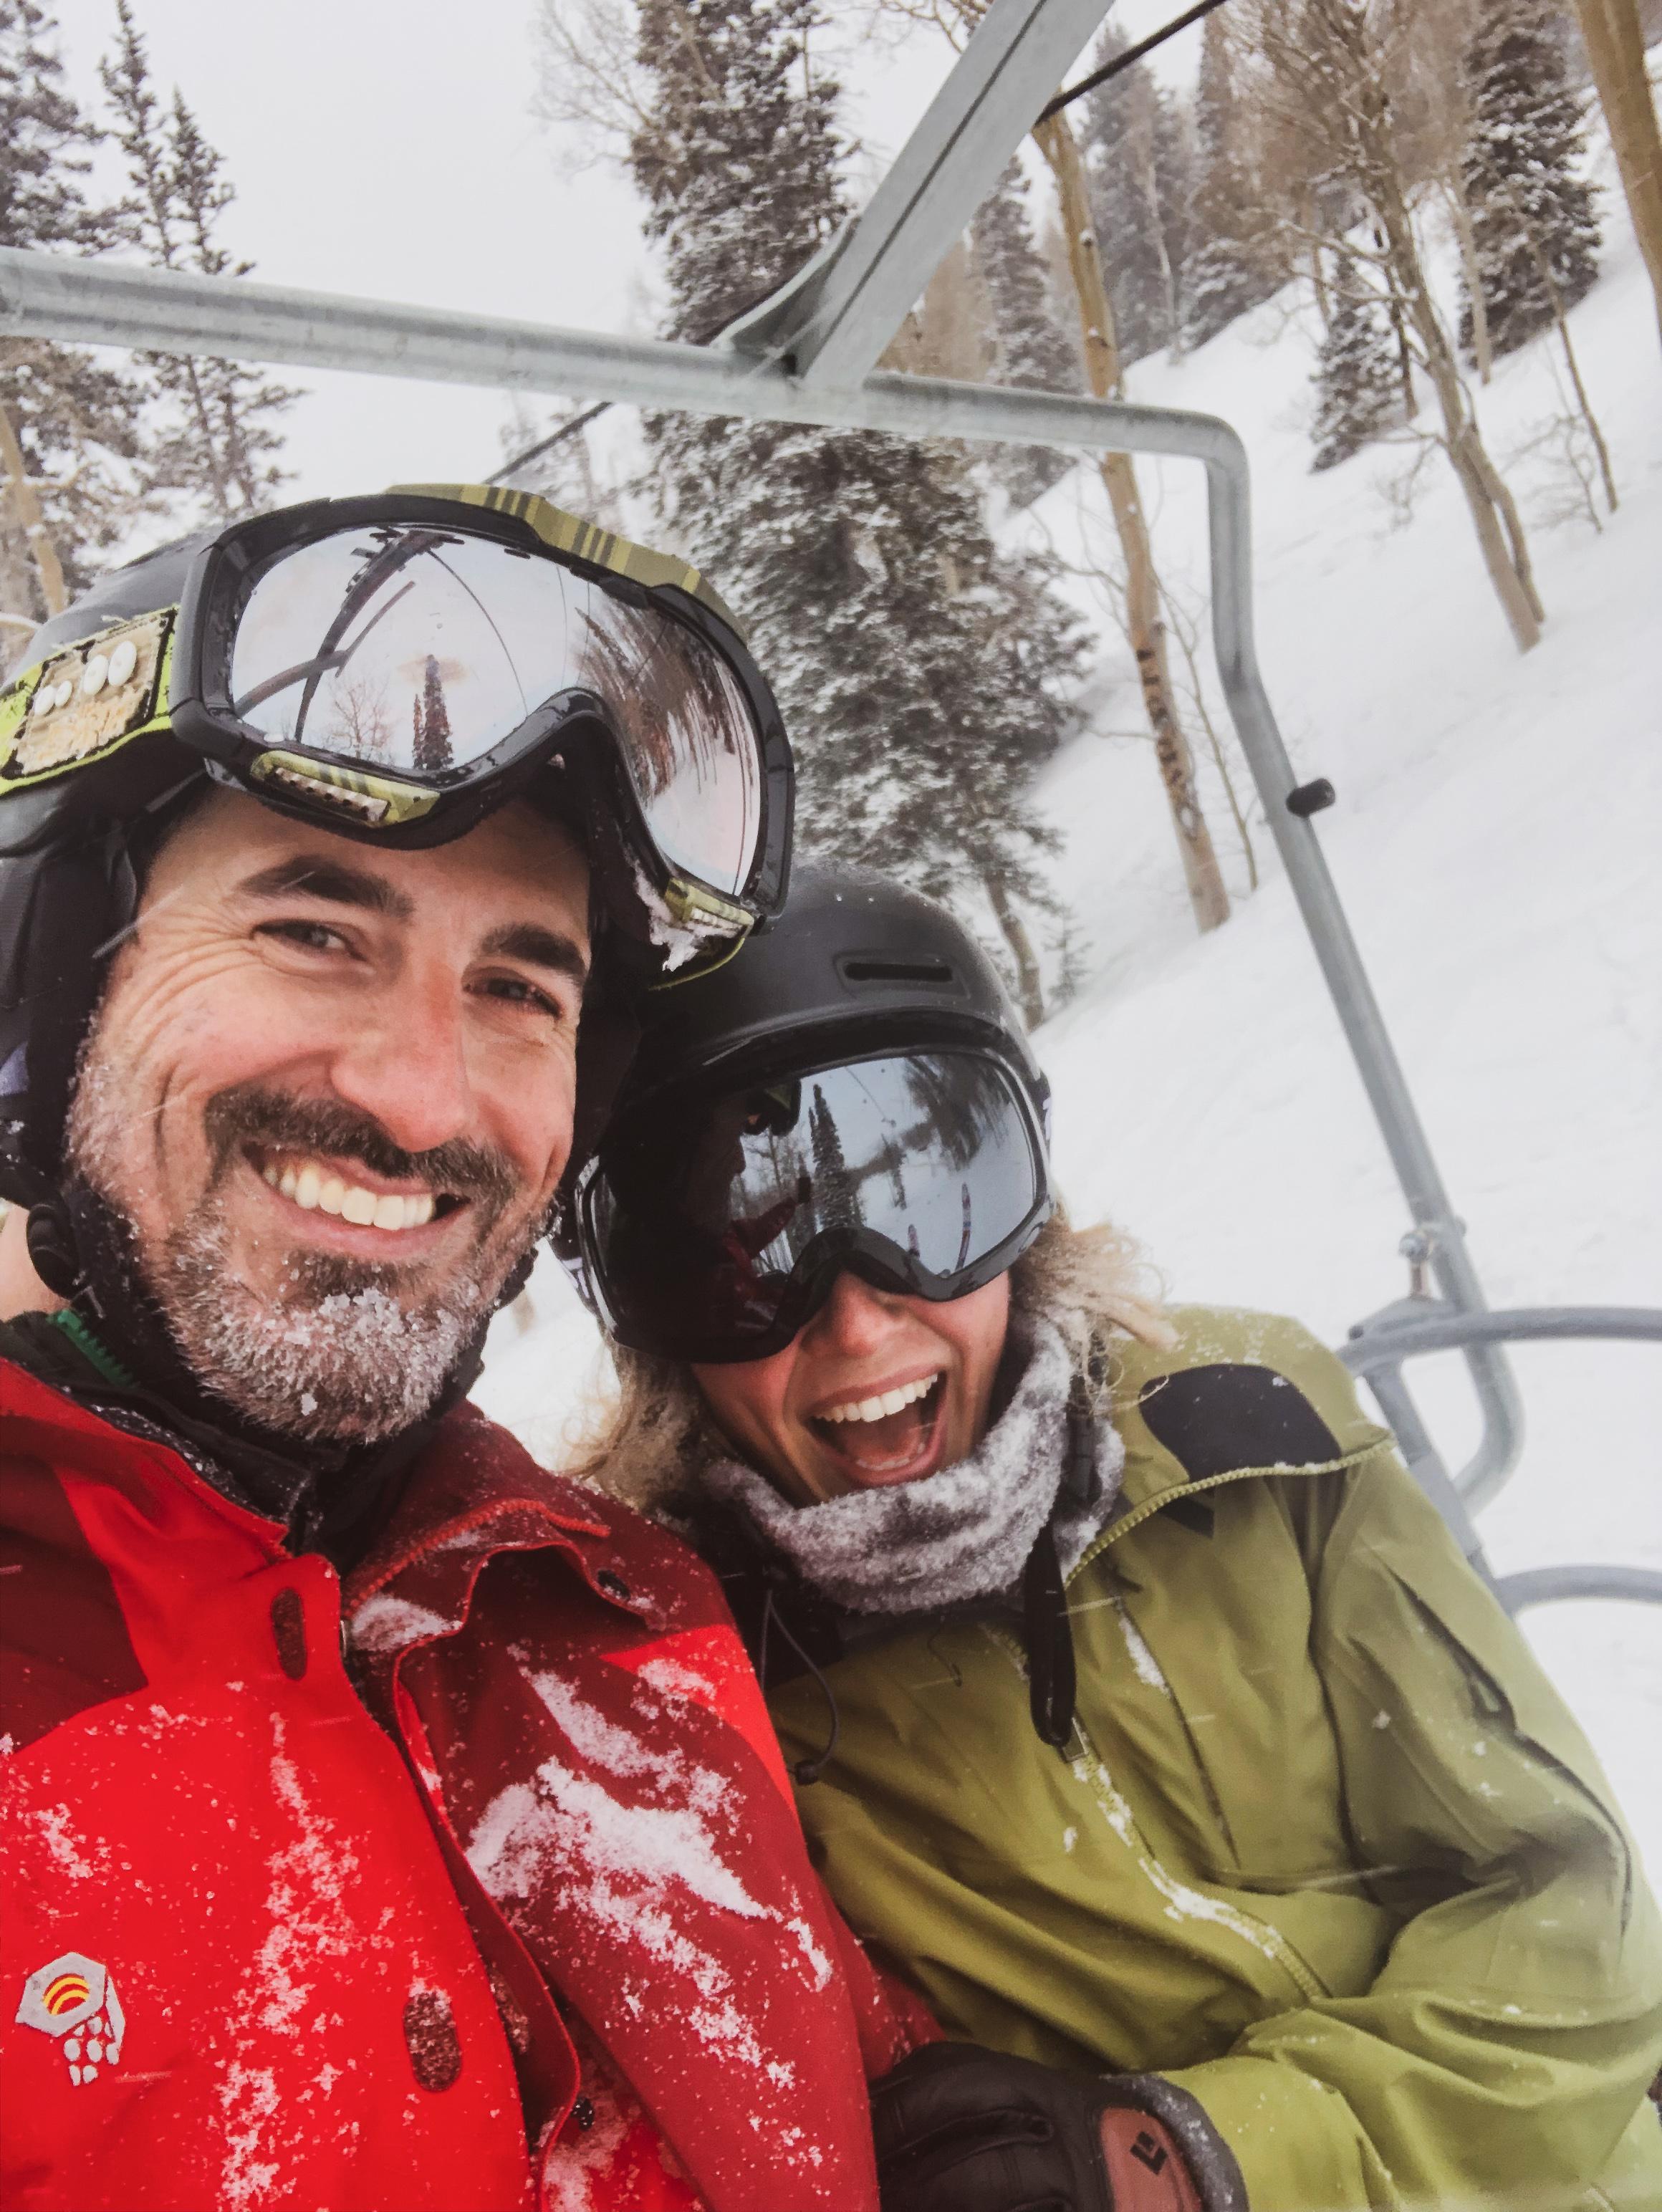 Sanni is my rad    business partner   , friend, and ski buddy all in one. Shredding Utah powder, March 2019.